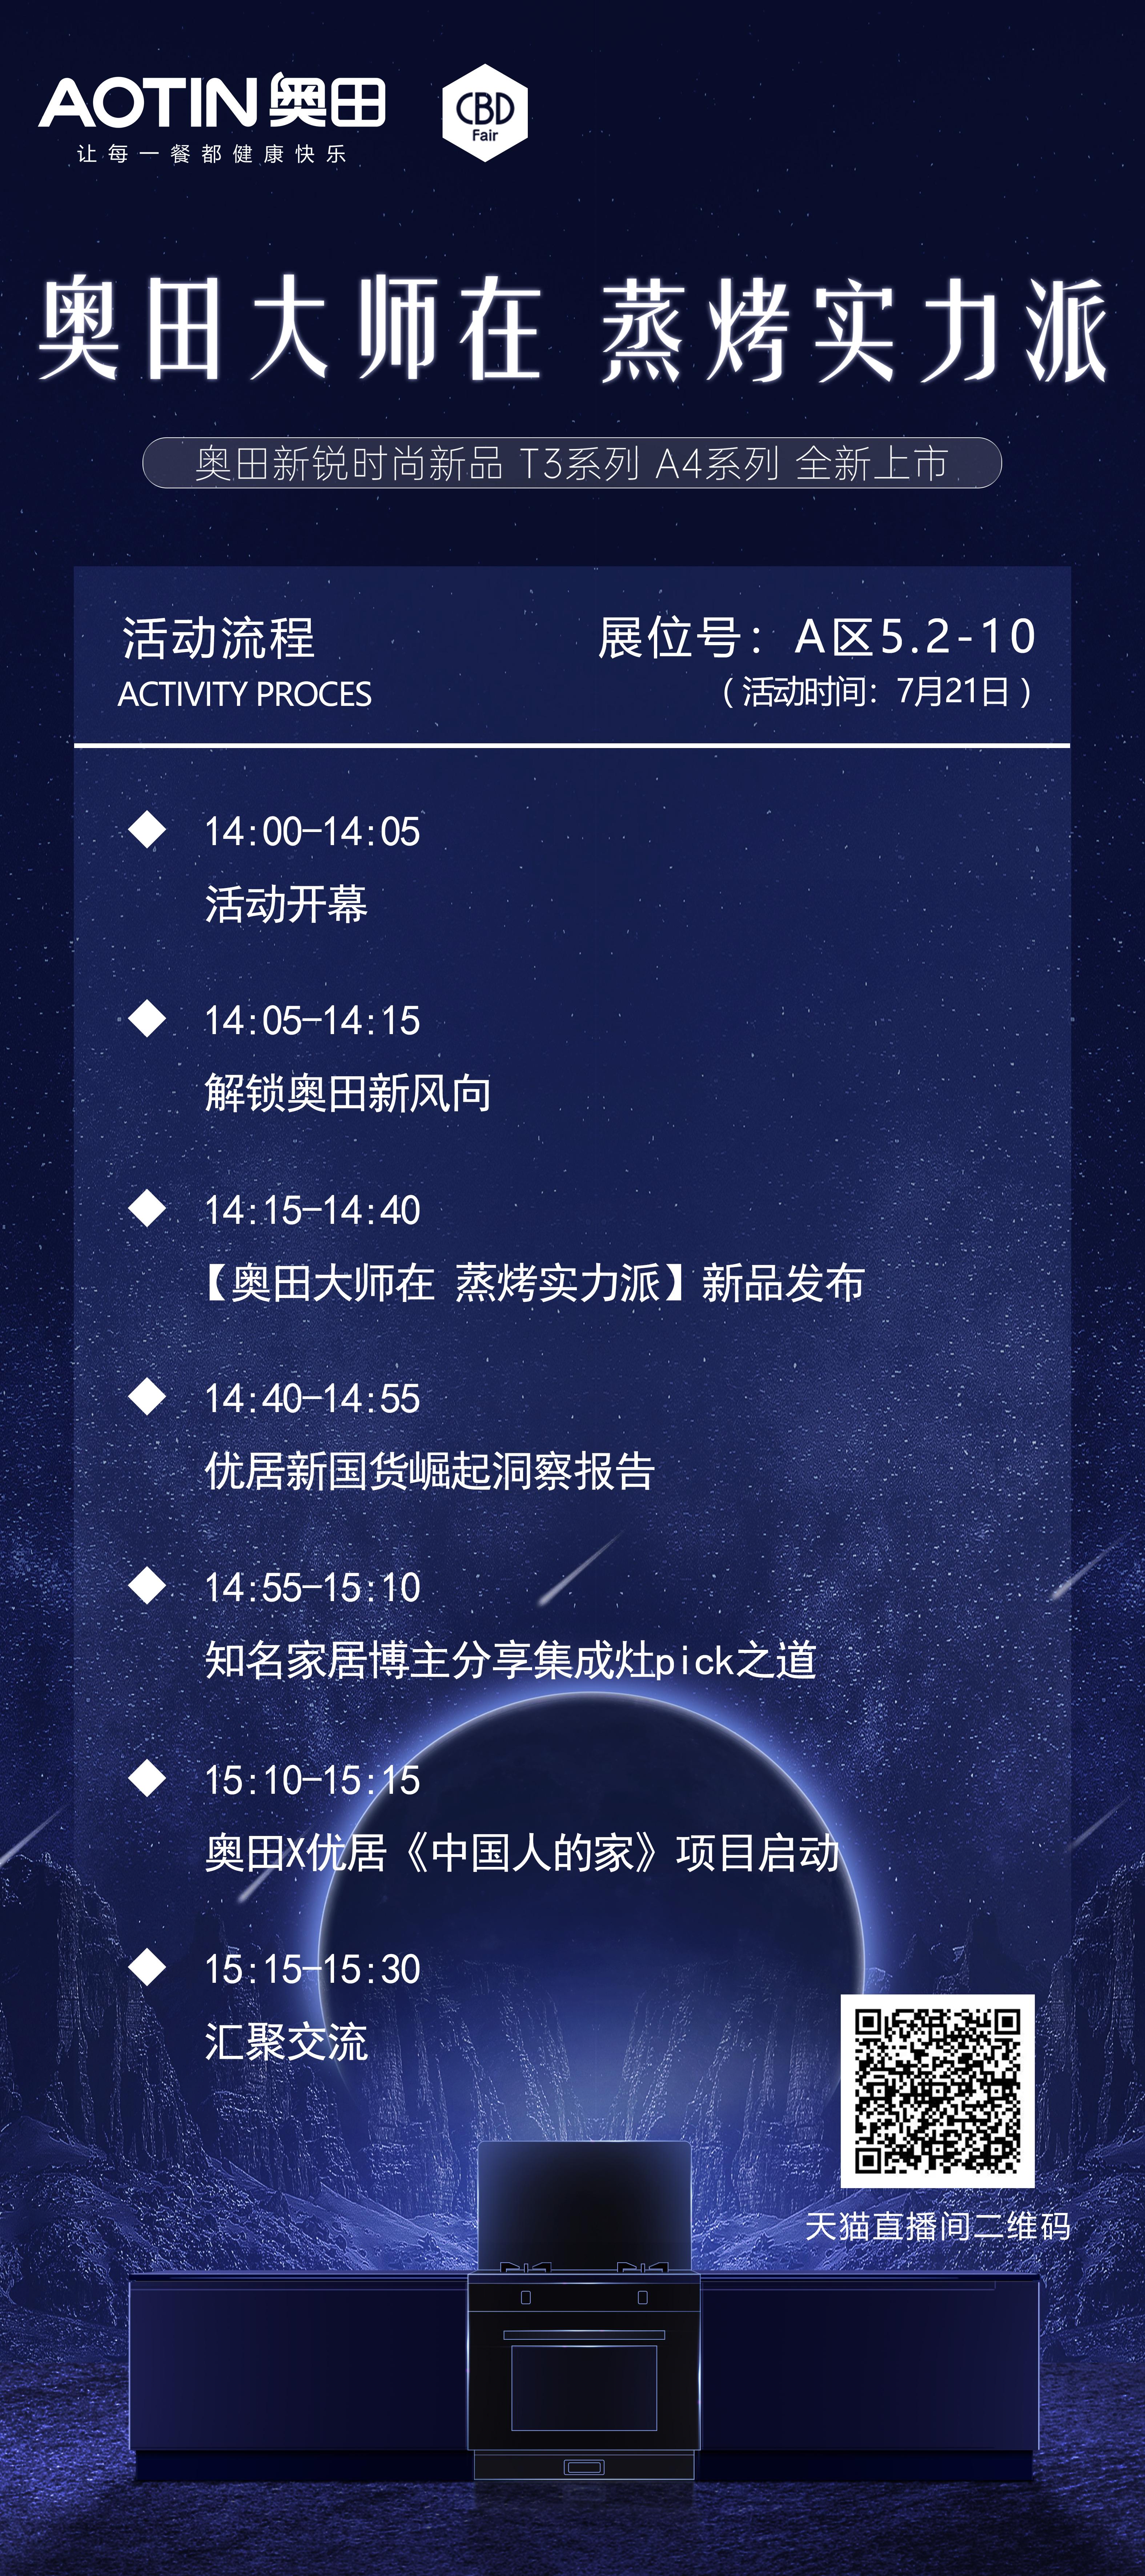 2021广州建博会丨奥田以全新品牌力,演绎时尚厨房美学